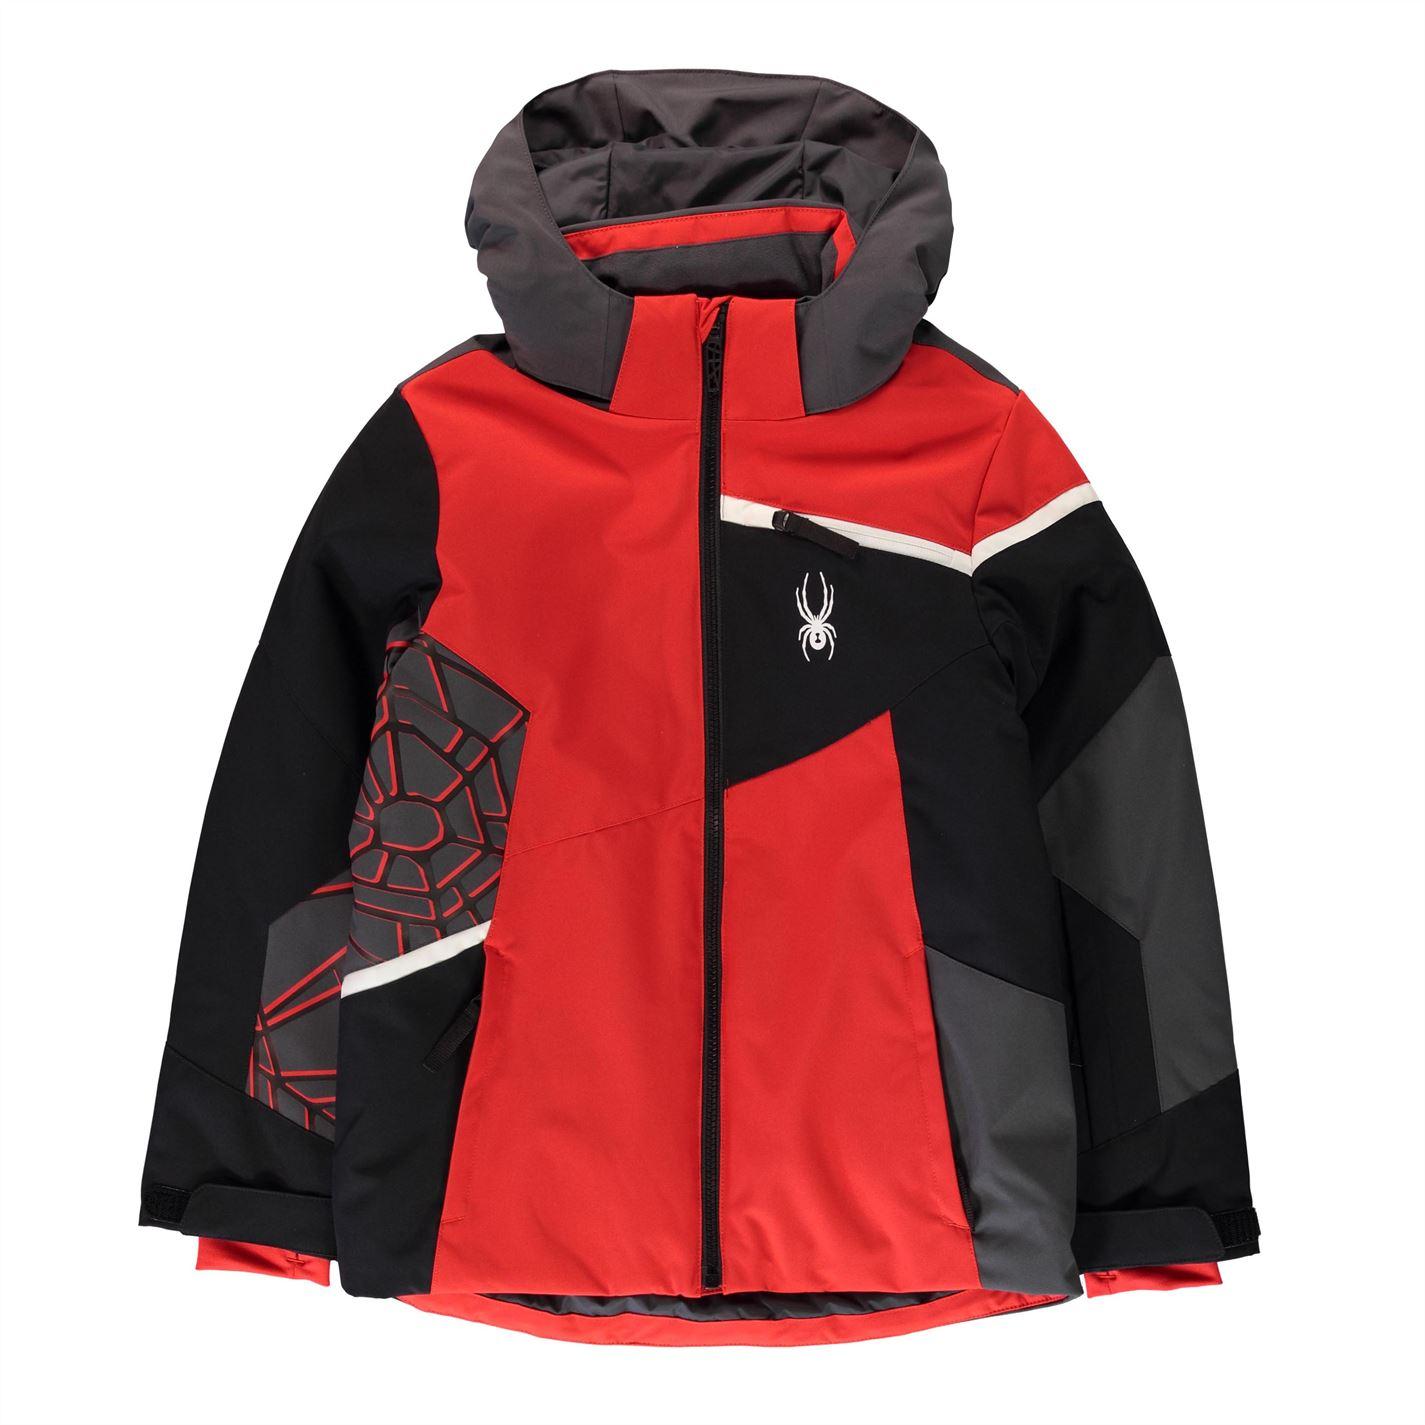 Jacheta Spyder Challenge pentru baietei rosu negru